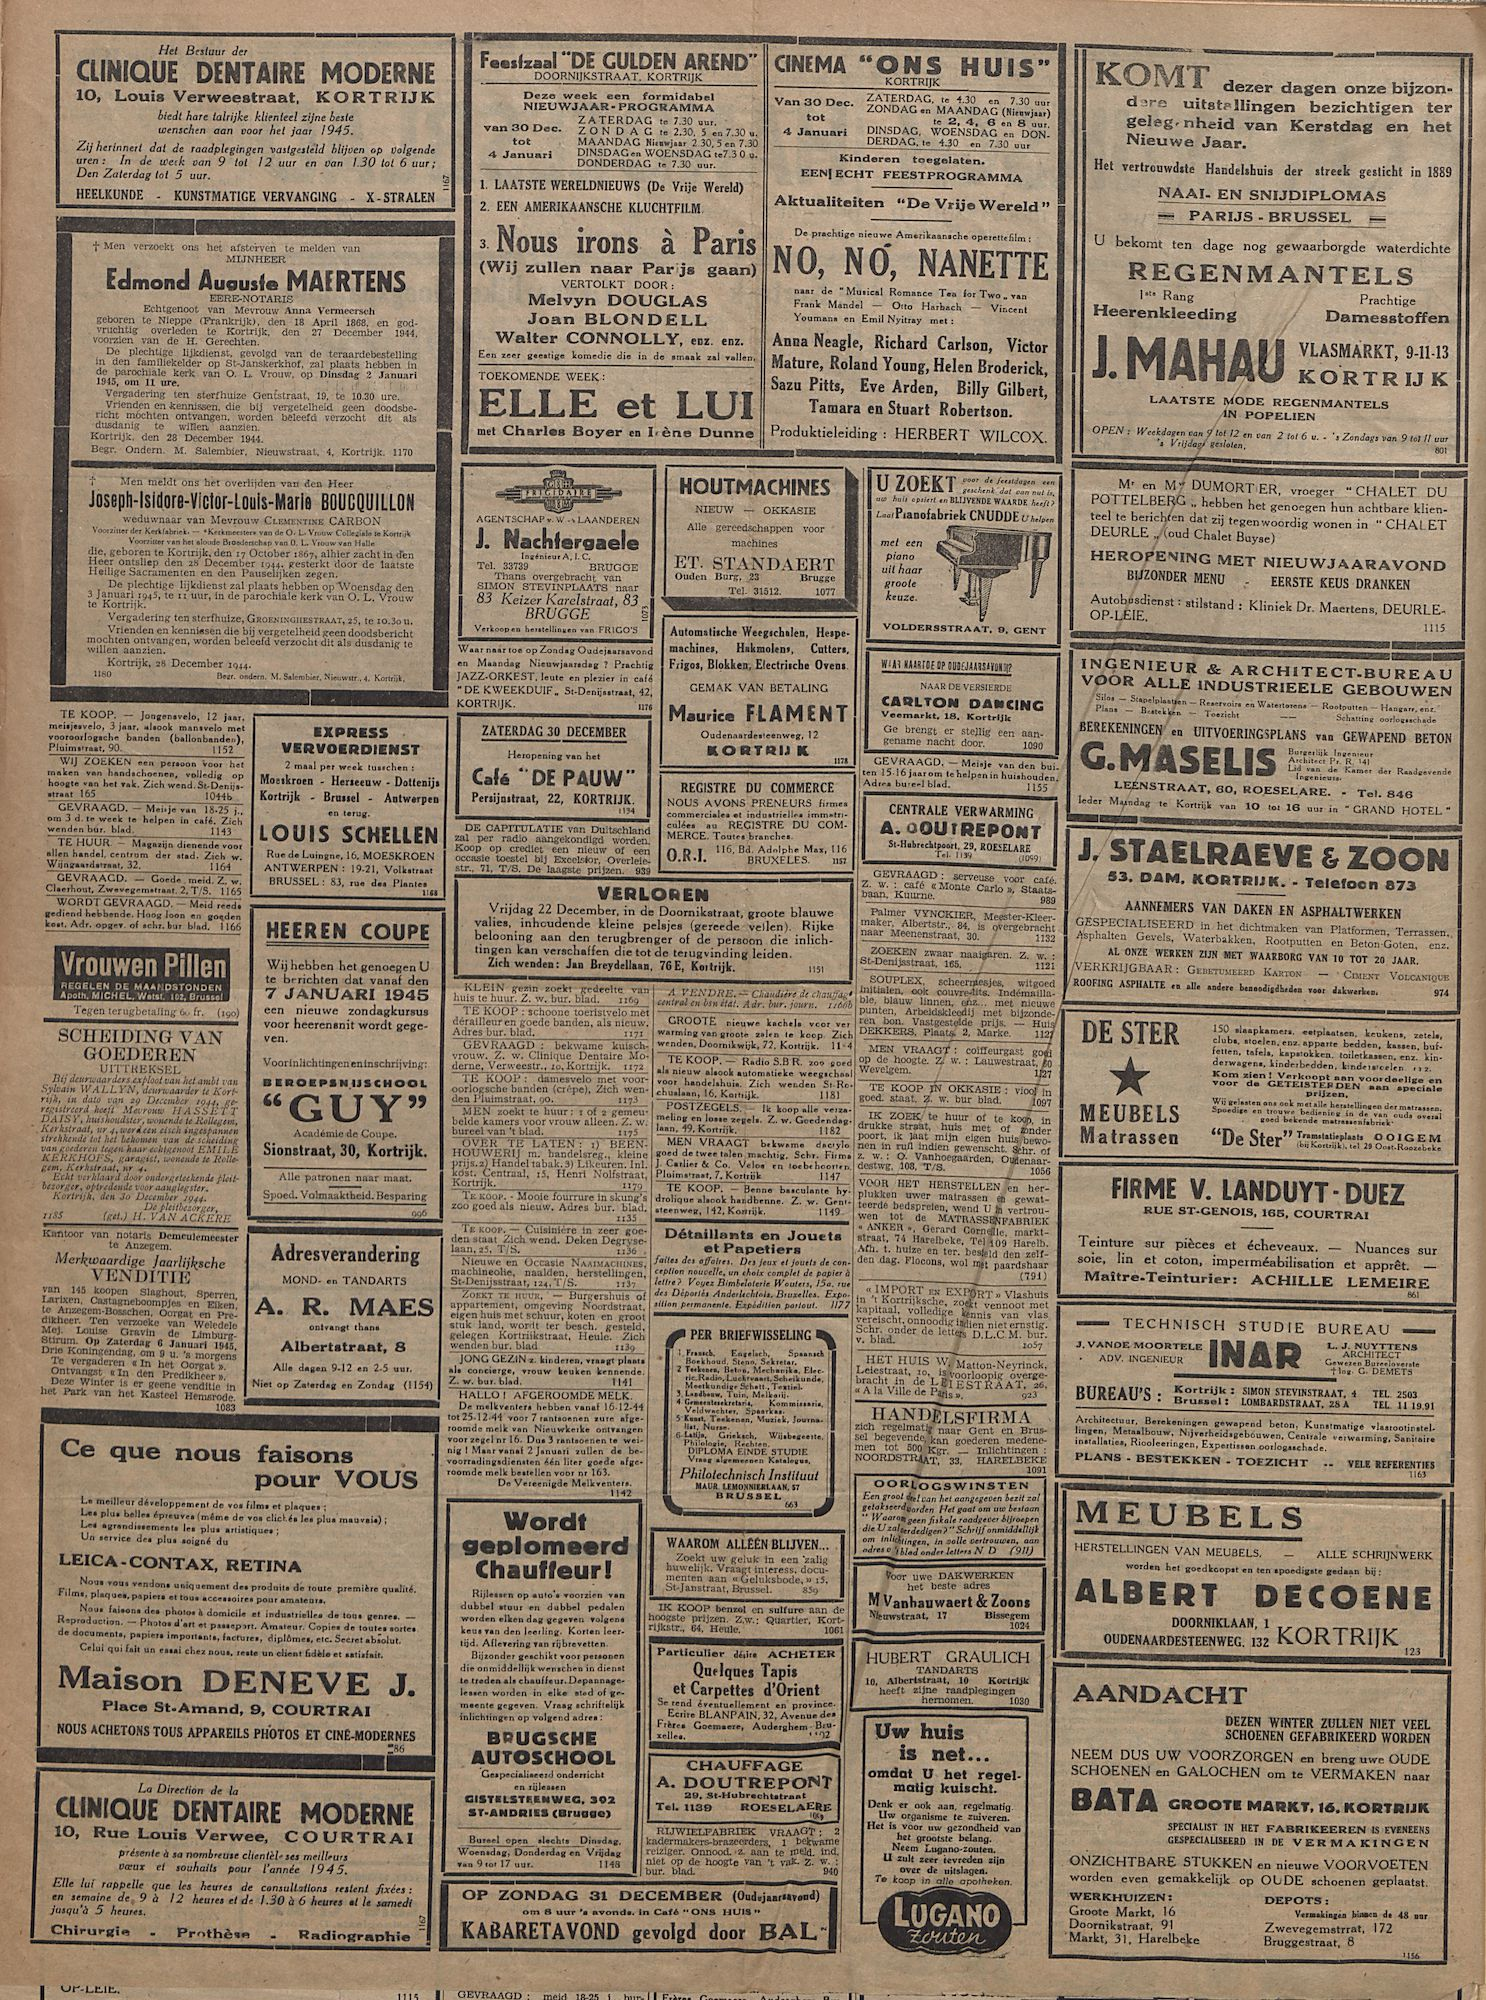 Kortrijksch Handelsblad 30 december 1944 Nr19 p2